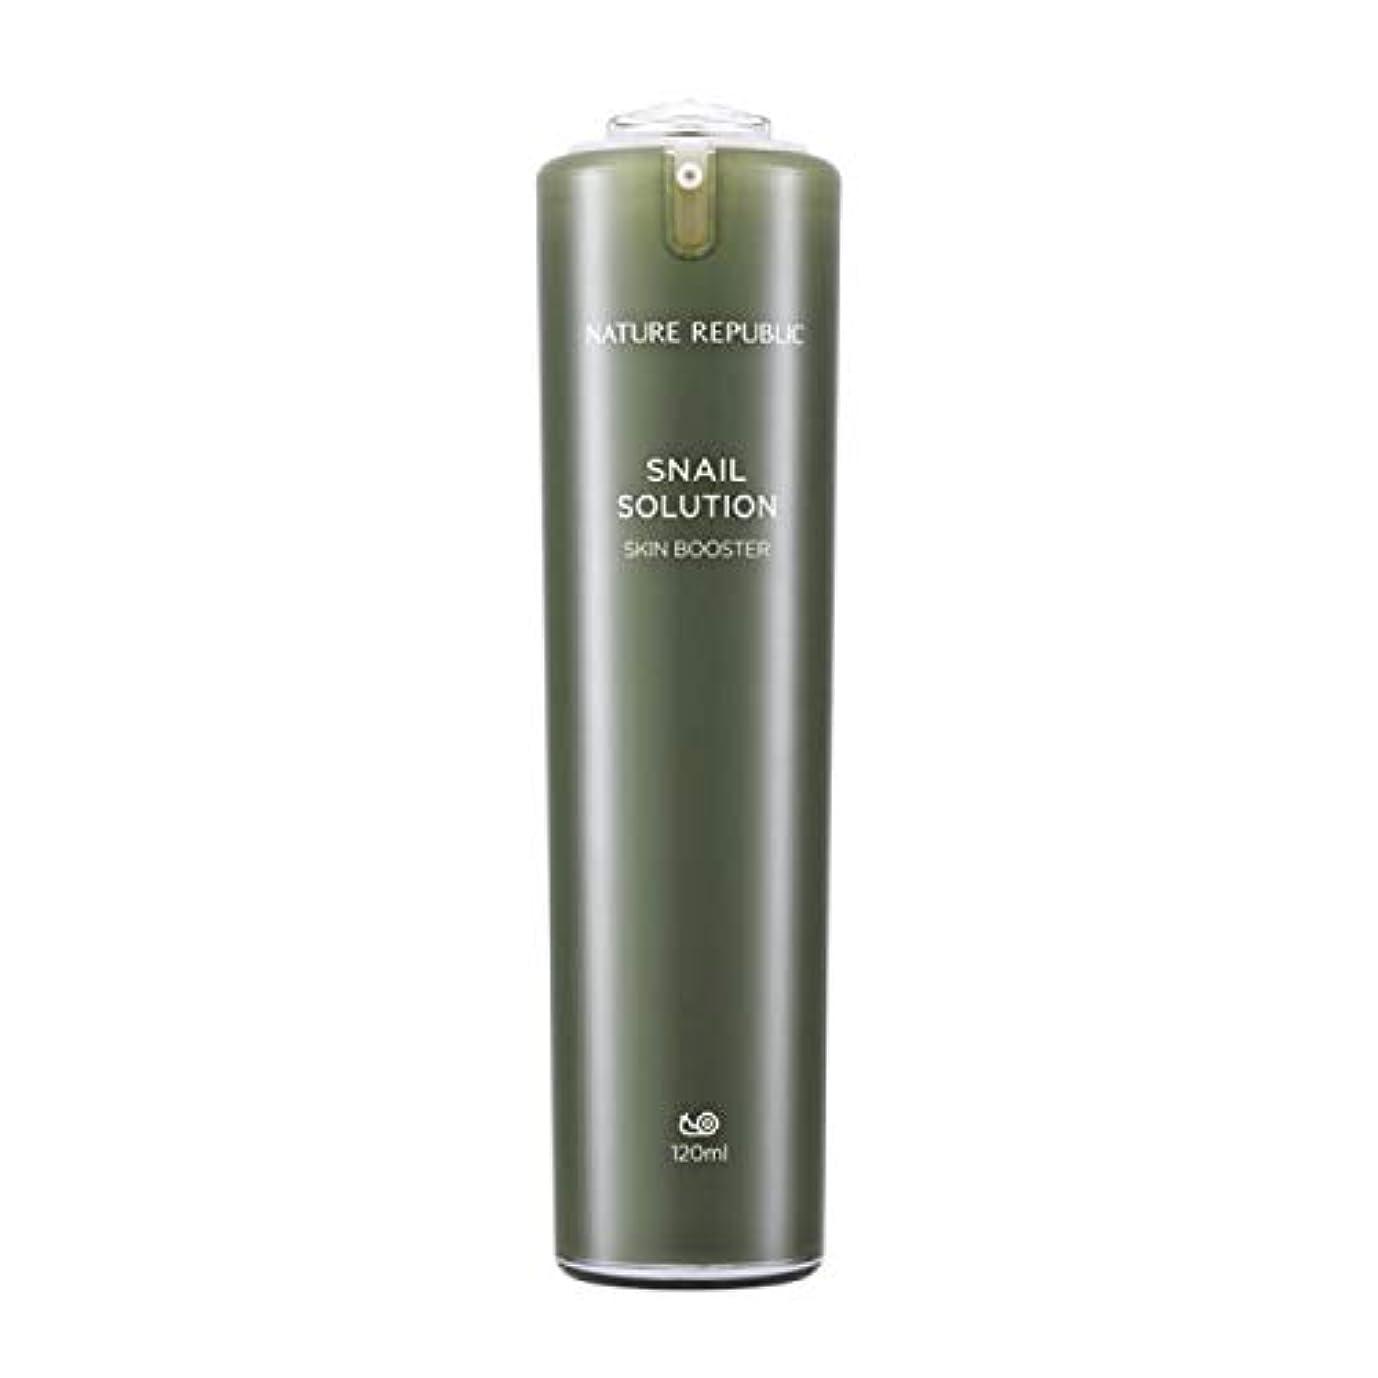 高度バラエティ制限されたネイチャーリパブリック(Nature Republic)カタツムリソリューションスキンブースター 120ml / Snail Solutions Skin Booster 120ml :: 韓国コスメ [並行輸入品]